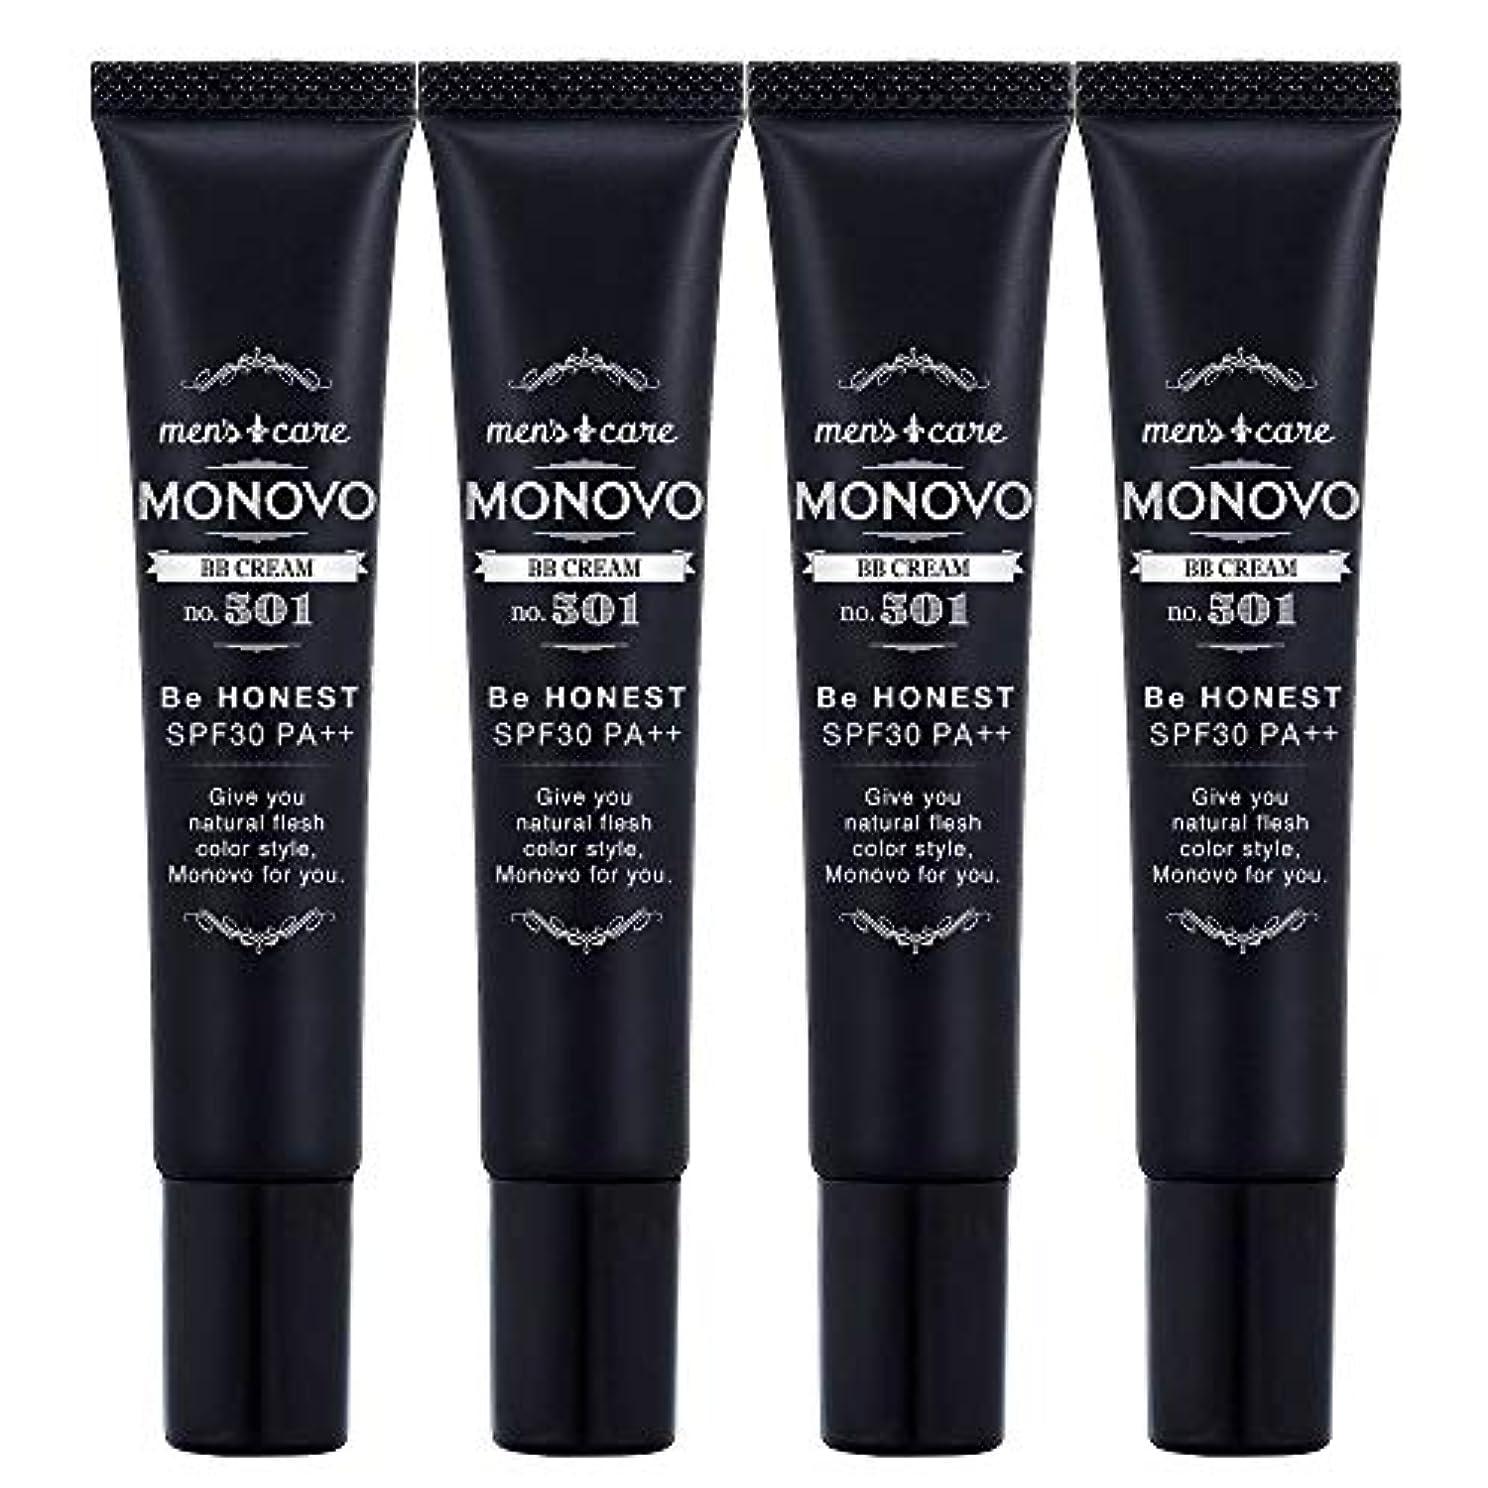 資料成功した不健康MONOVO BBクリーム メンズ コンシーラー ファンデーション効果で青髭/テカリ/肌荒れ隠し[ SPF30/PA++] 4本 80g